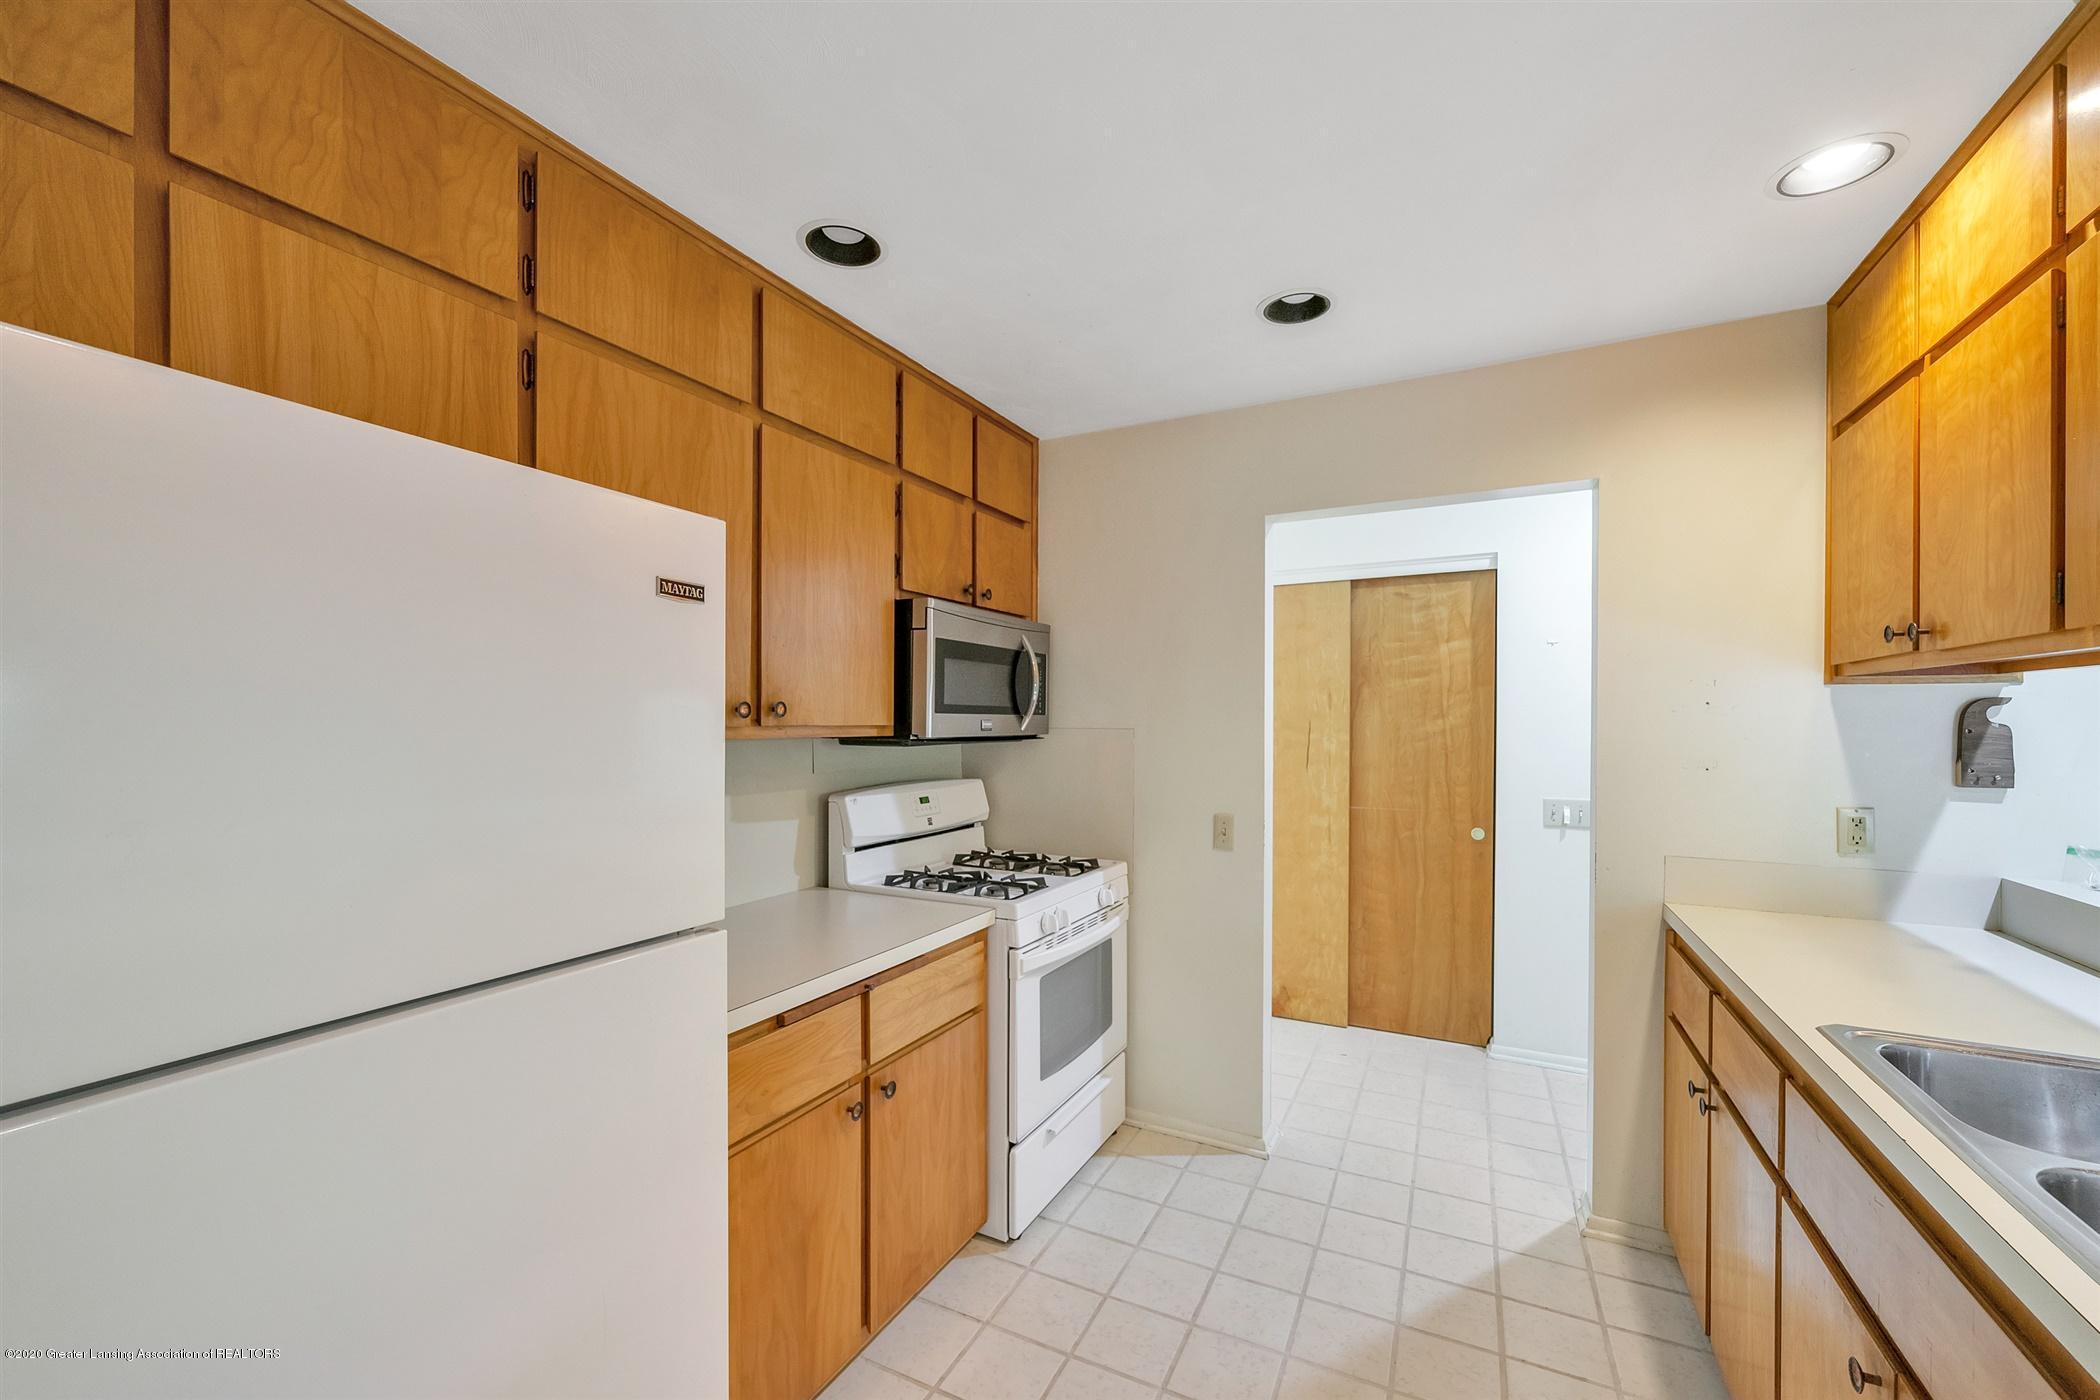 2150 Arundel Pl - (10) MAIN FLOOR Kitchen - 11